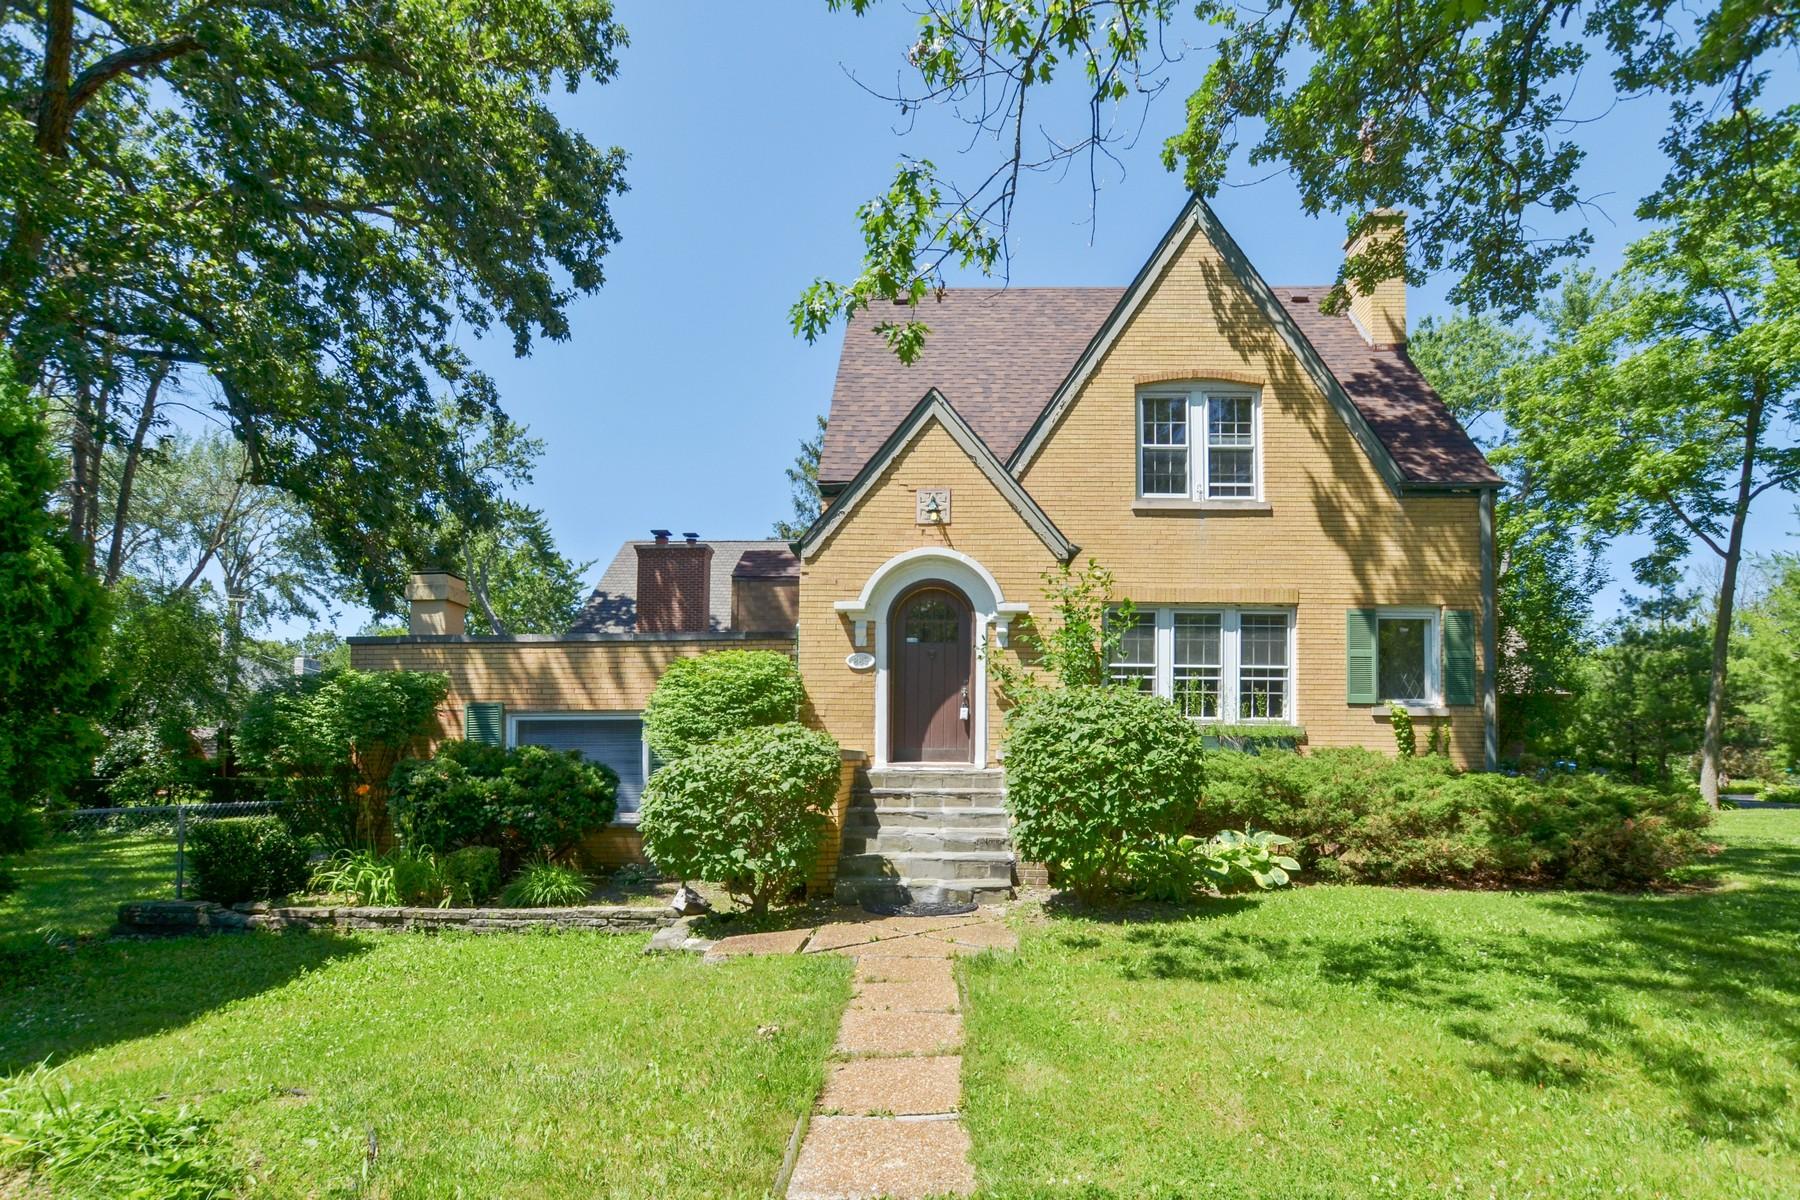 Частный односемейный дом для того Продажа на Charming English Tudor 885 County Line Road Highland Park, Иллинойс, 60035 Соединенные Штаты